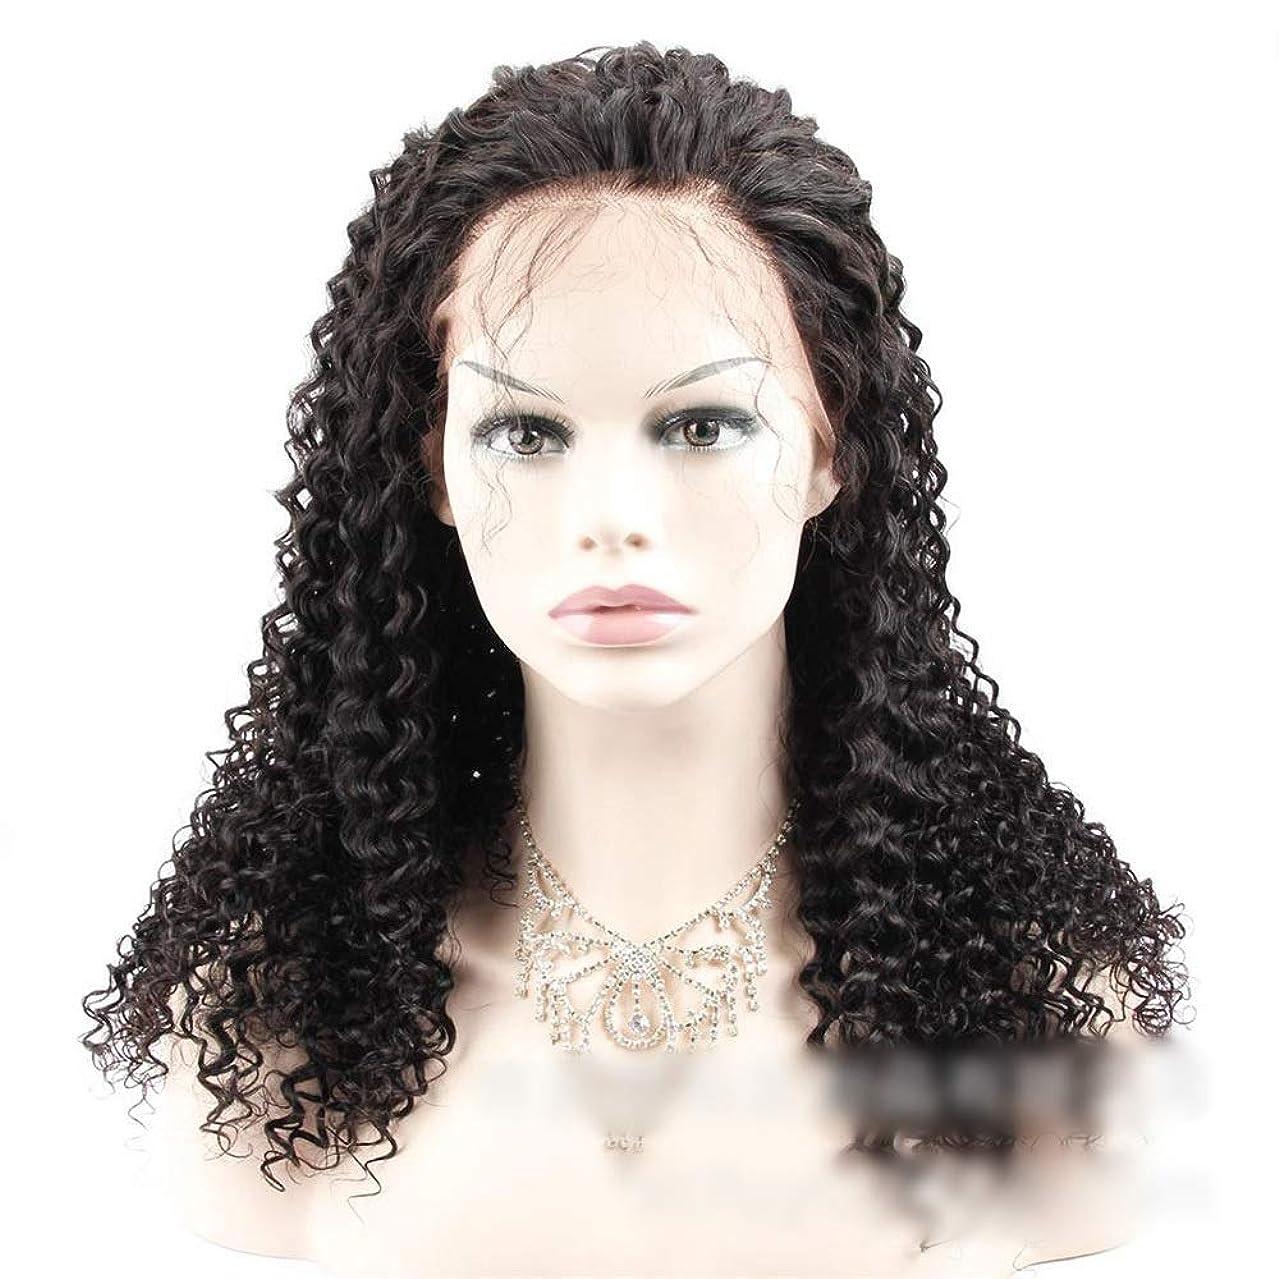 ヒップレジデンスつまずくIsikawan ナチュラルカラー人毛エクステンションブラジルカーリーヘアー360レース前頭閉鎖ジェリーカーリーレース前頭 (色 : ブラック, サイズ : 14 inch)